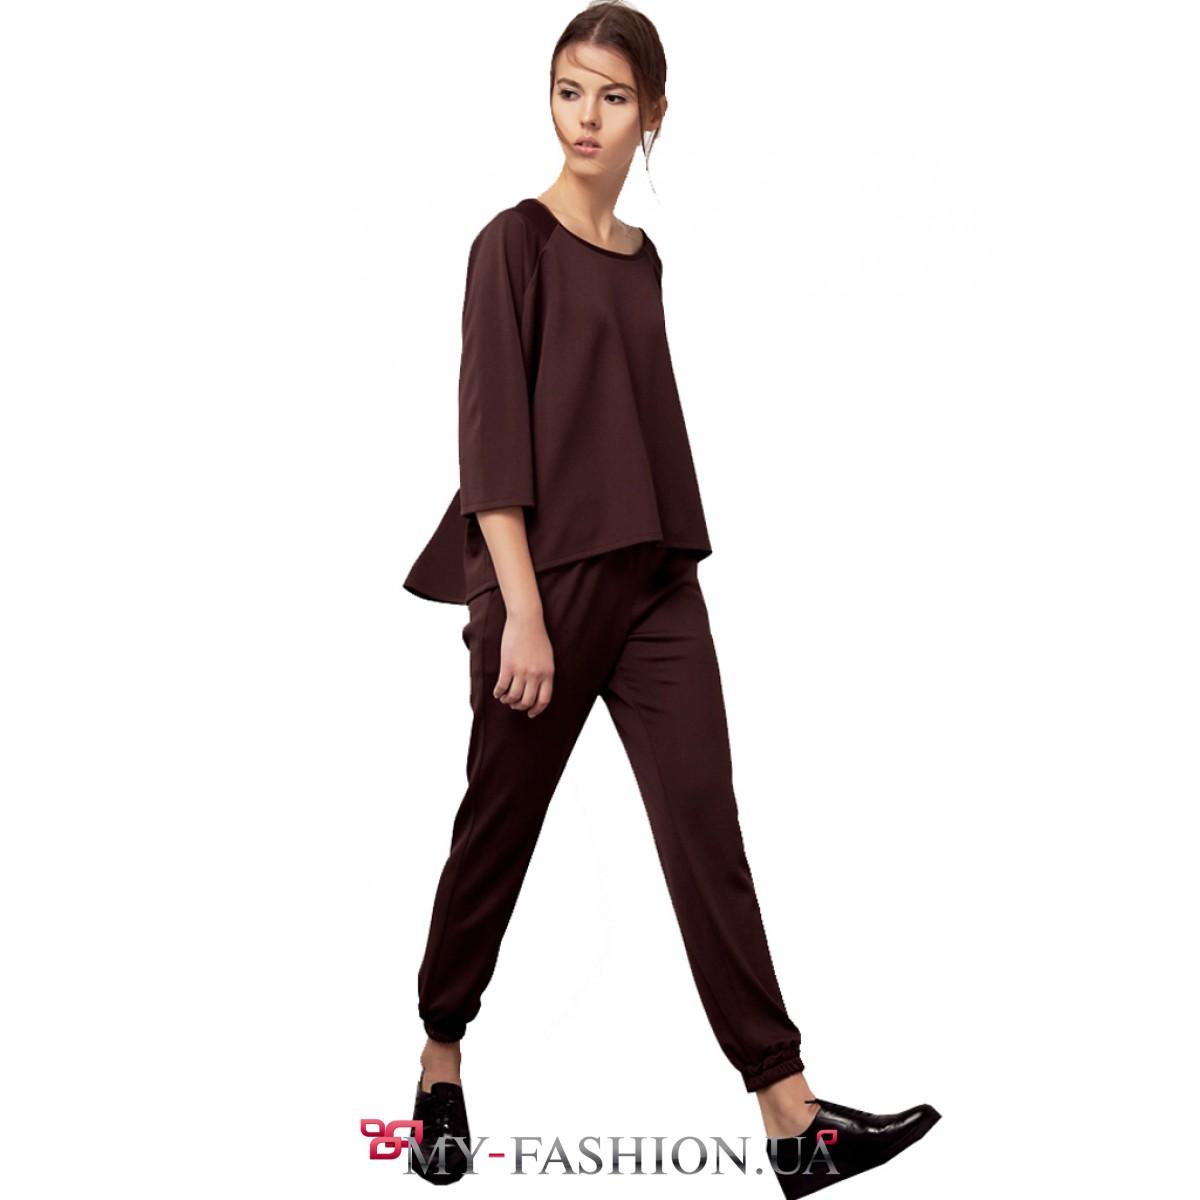 Интернет магазин одежды блузки доставка